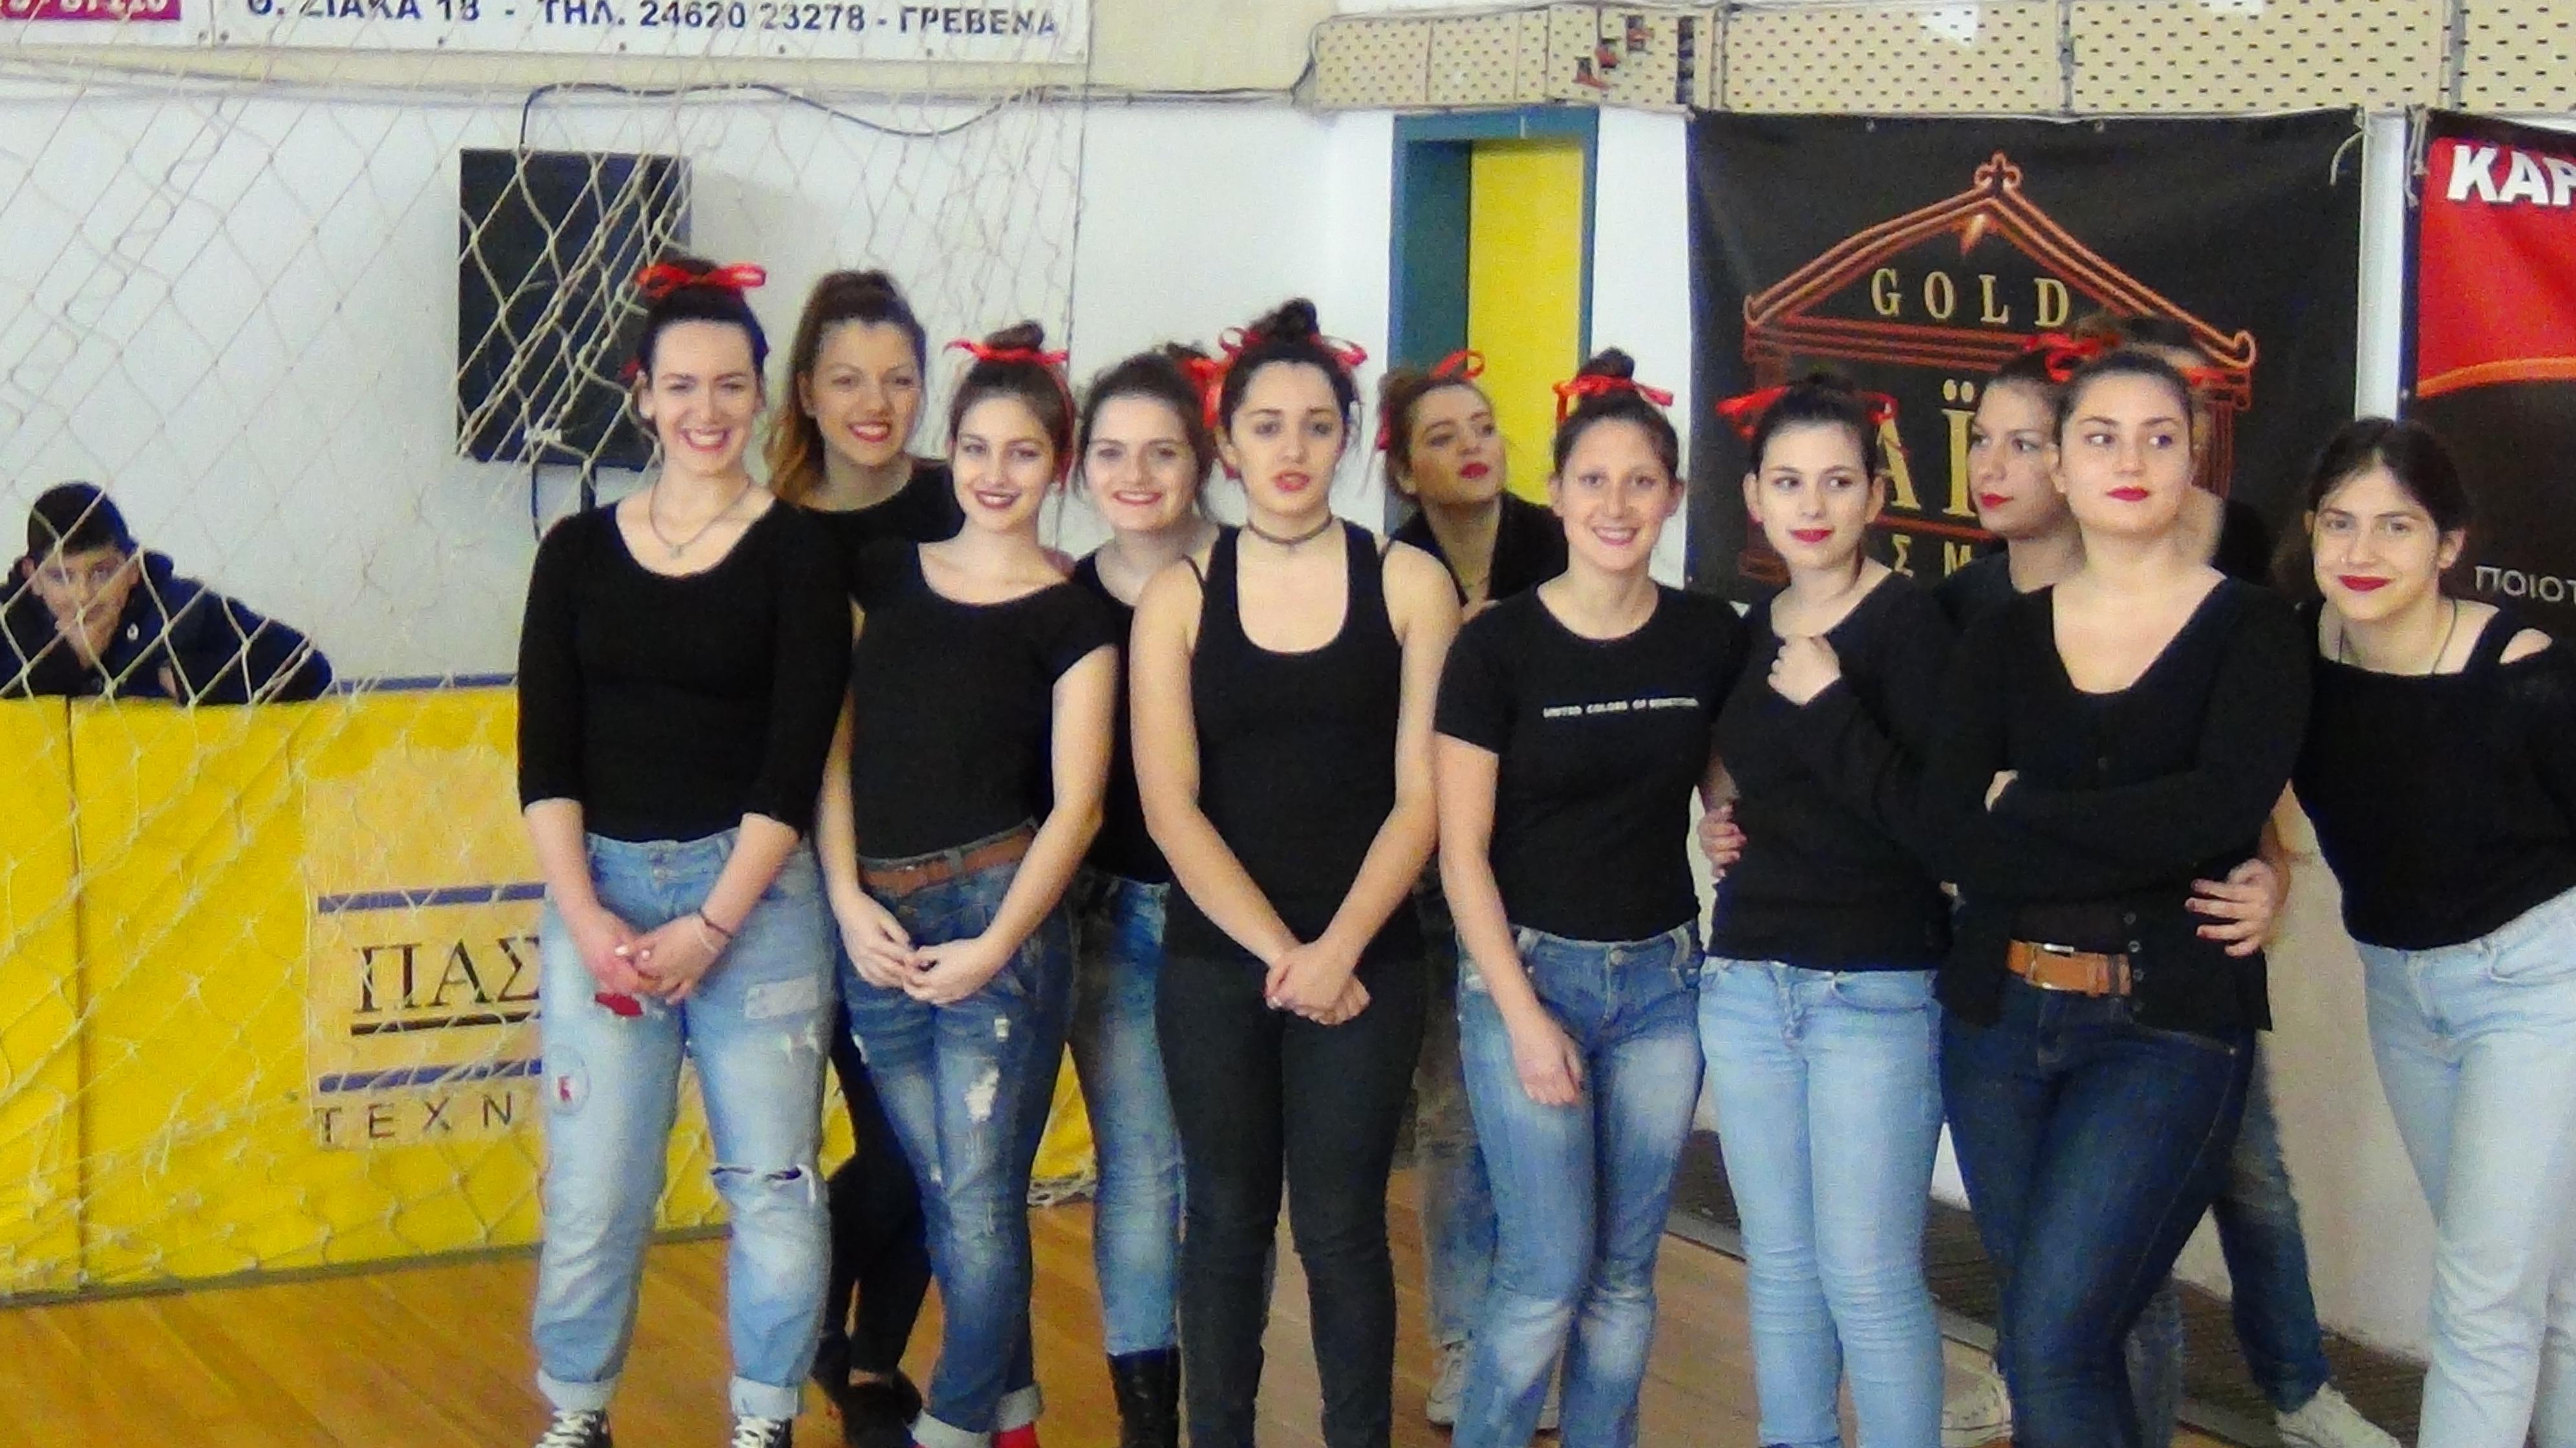 Φιλανθρωπική εκδήλωση από την Δευτεροβάθμια Εκπαίδευση Γρεβενών (video – φωτογραφίες)